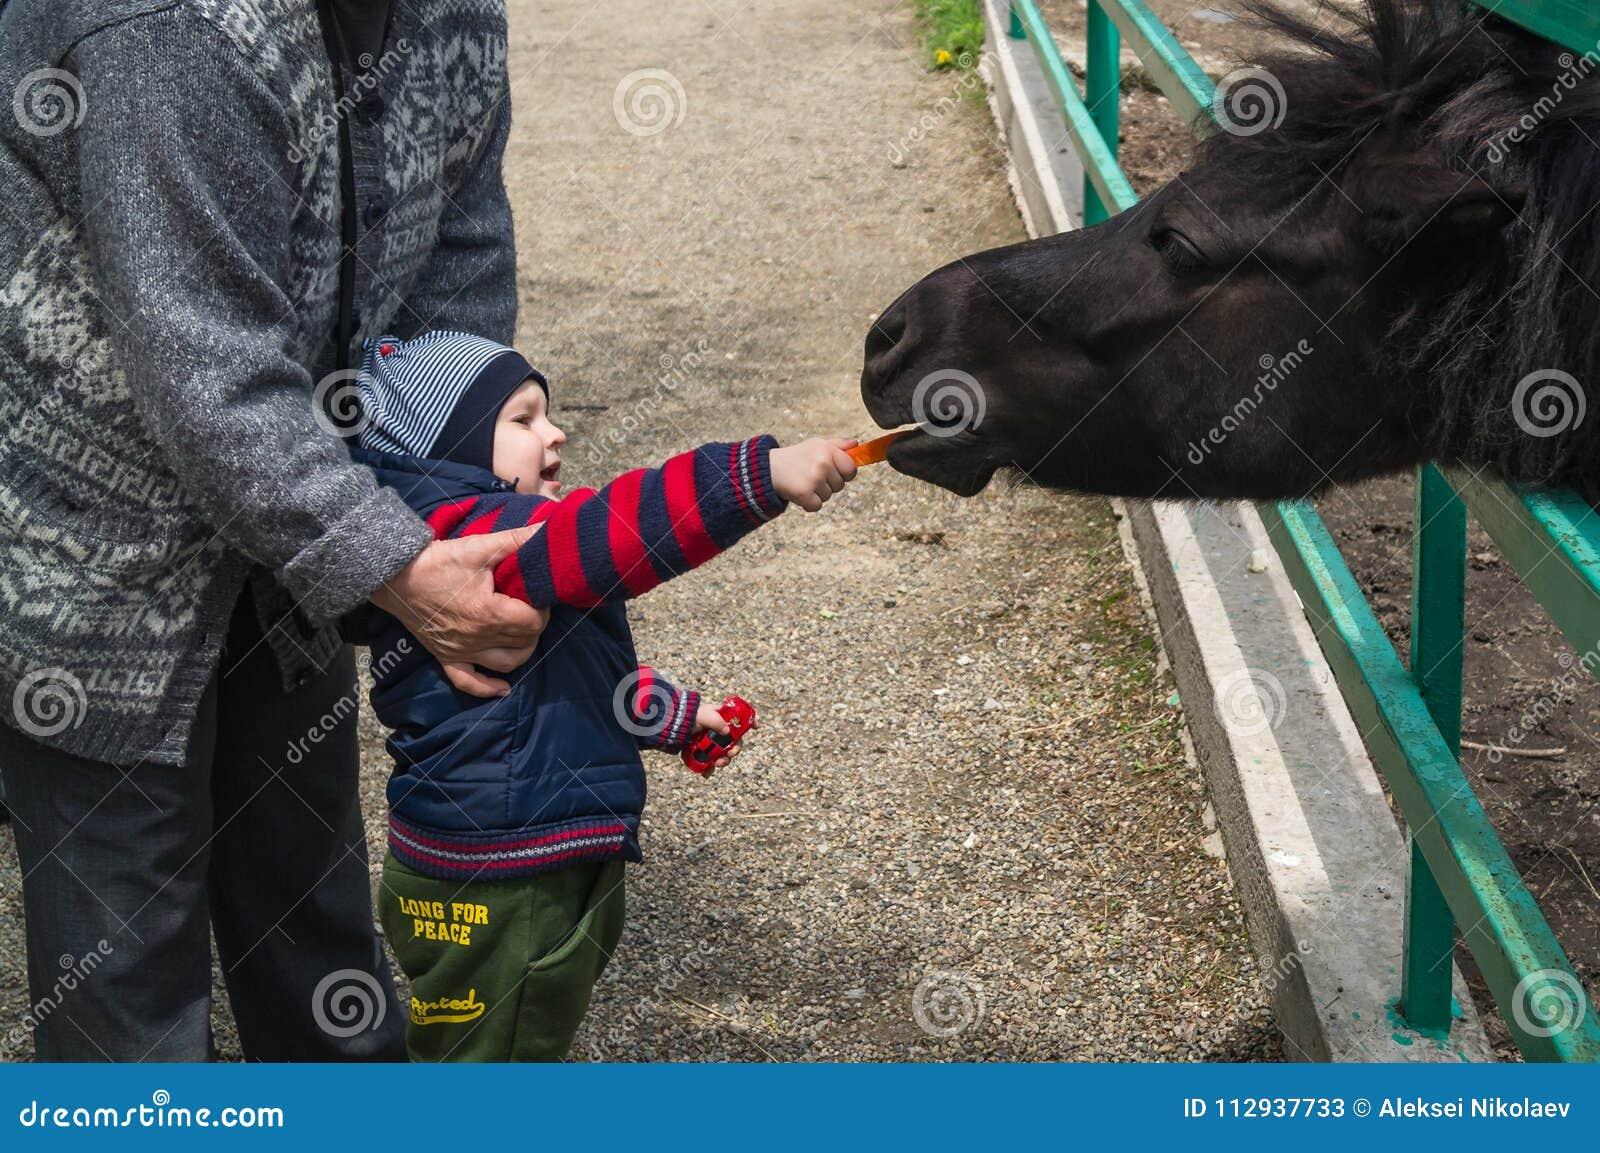 Hild geven de jongen en Zijn grootmoeder voedsel voor klein en jong Przewalski-paard